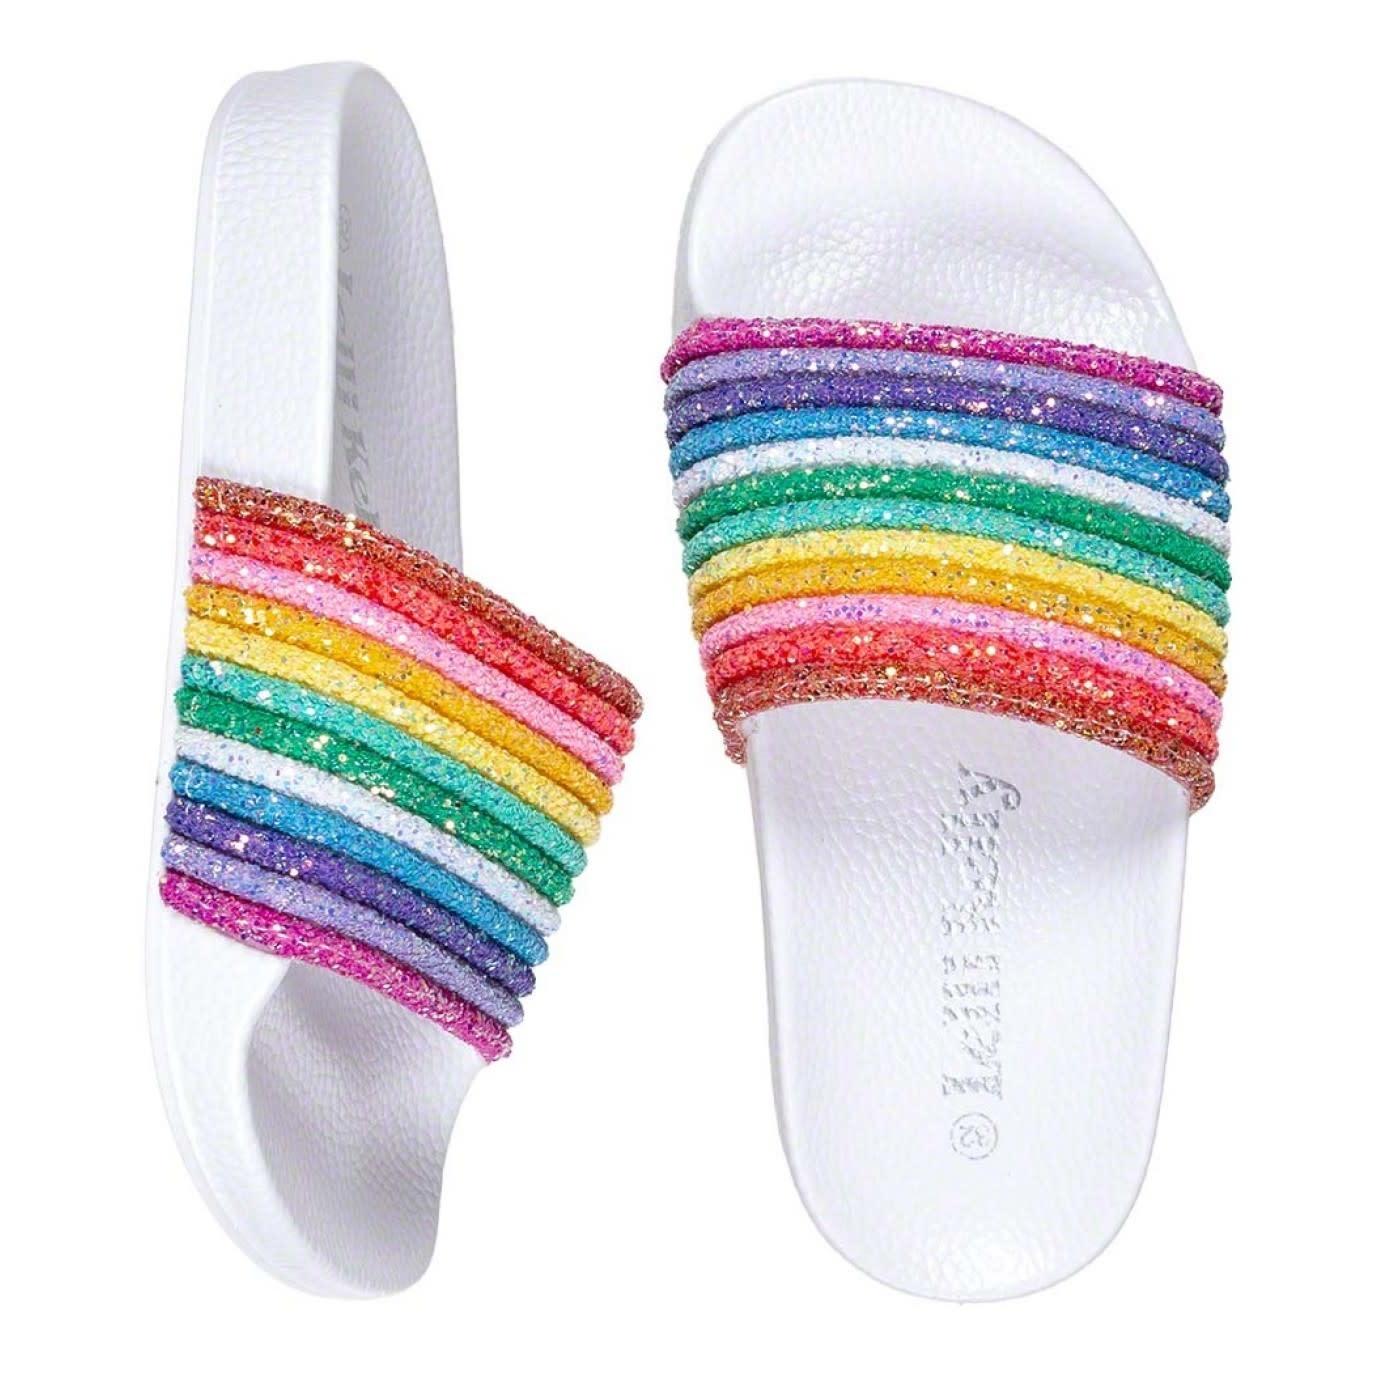 Lelli Kelly LK 1902 Iris Rainbow Glitter Slider